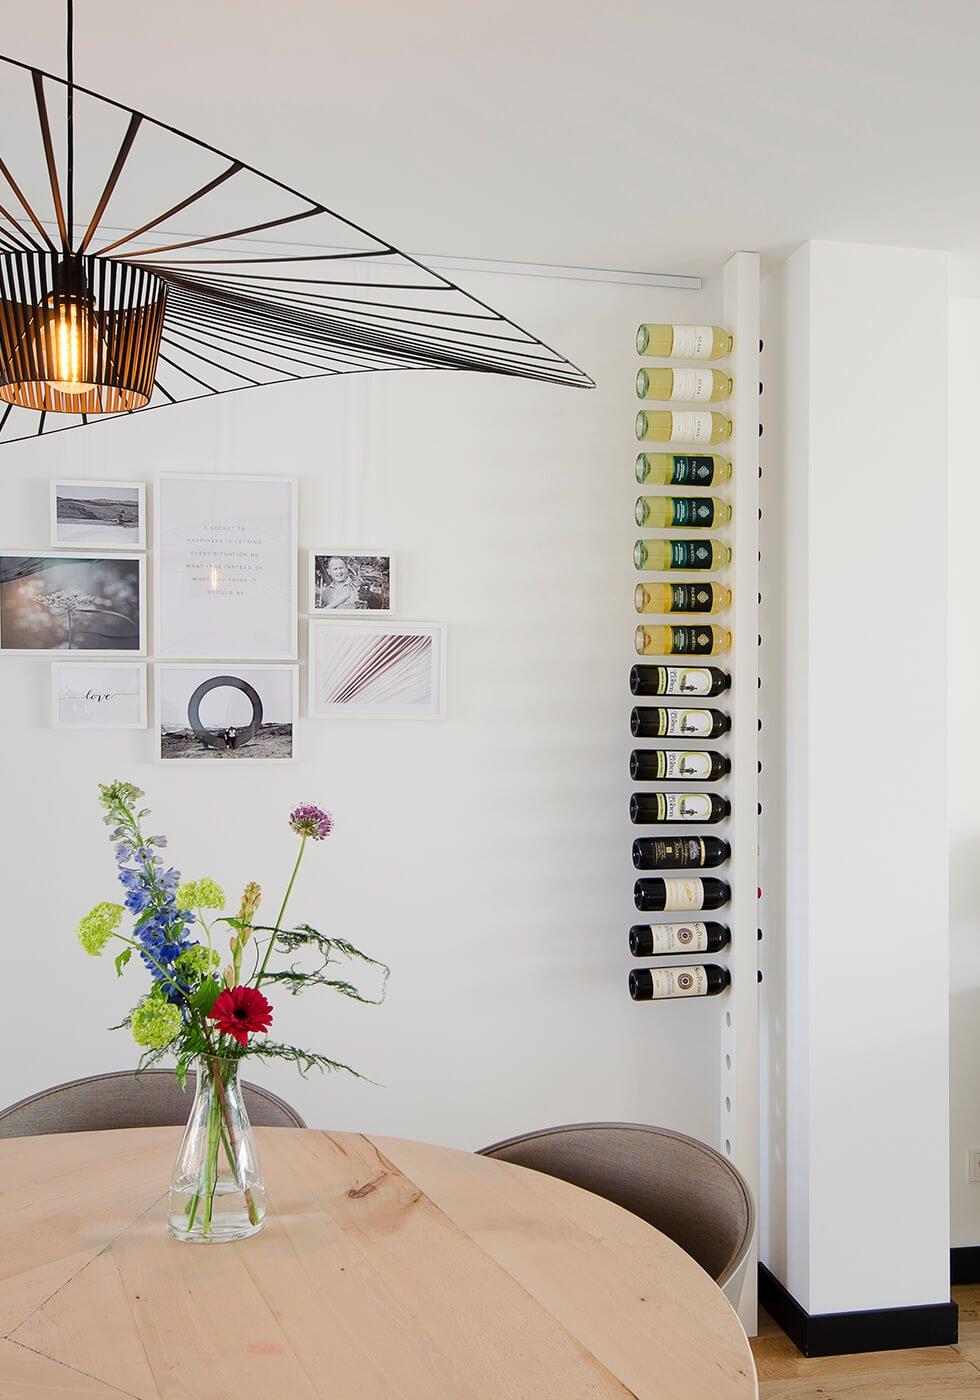 Wijnpaal wijnrek classic zijaanzicht woonkamer